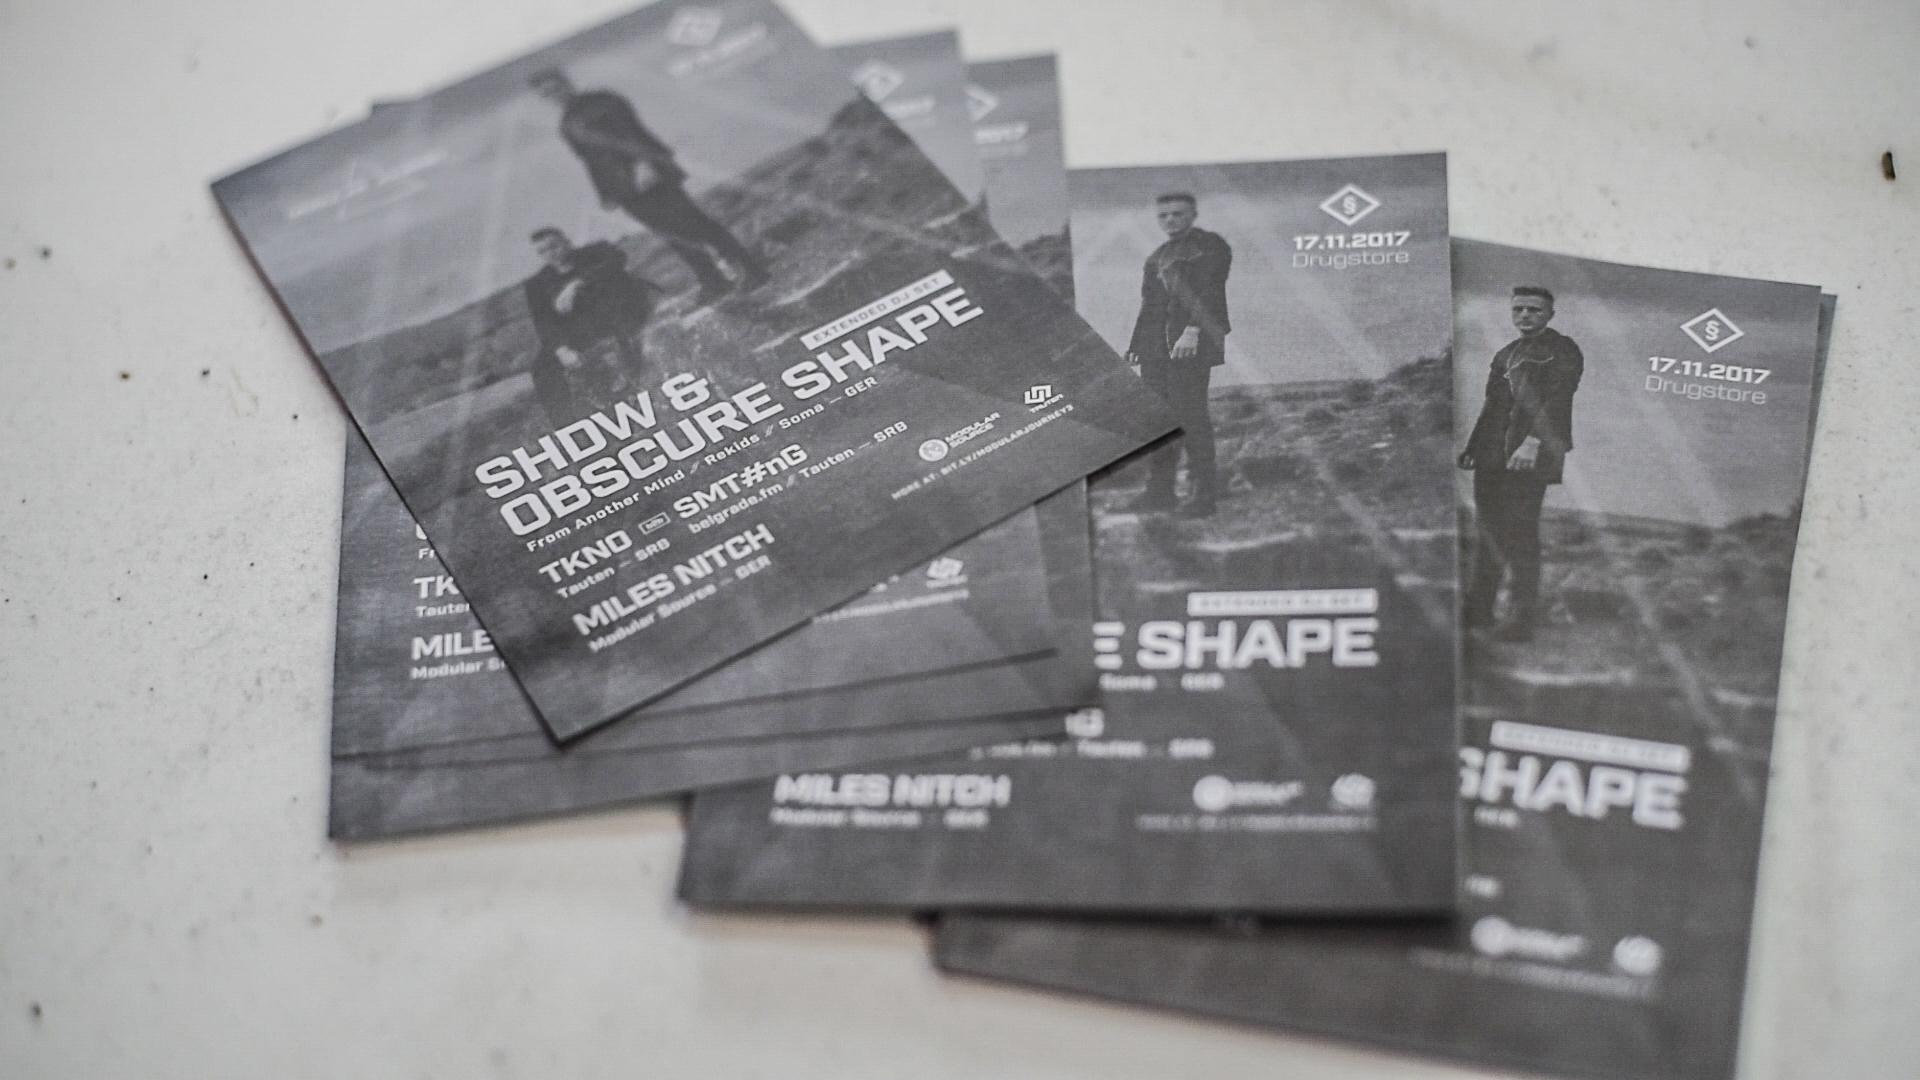 SHDW & Obscure Shape, Klub Drugstore Beograd